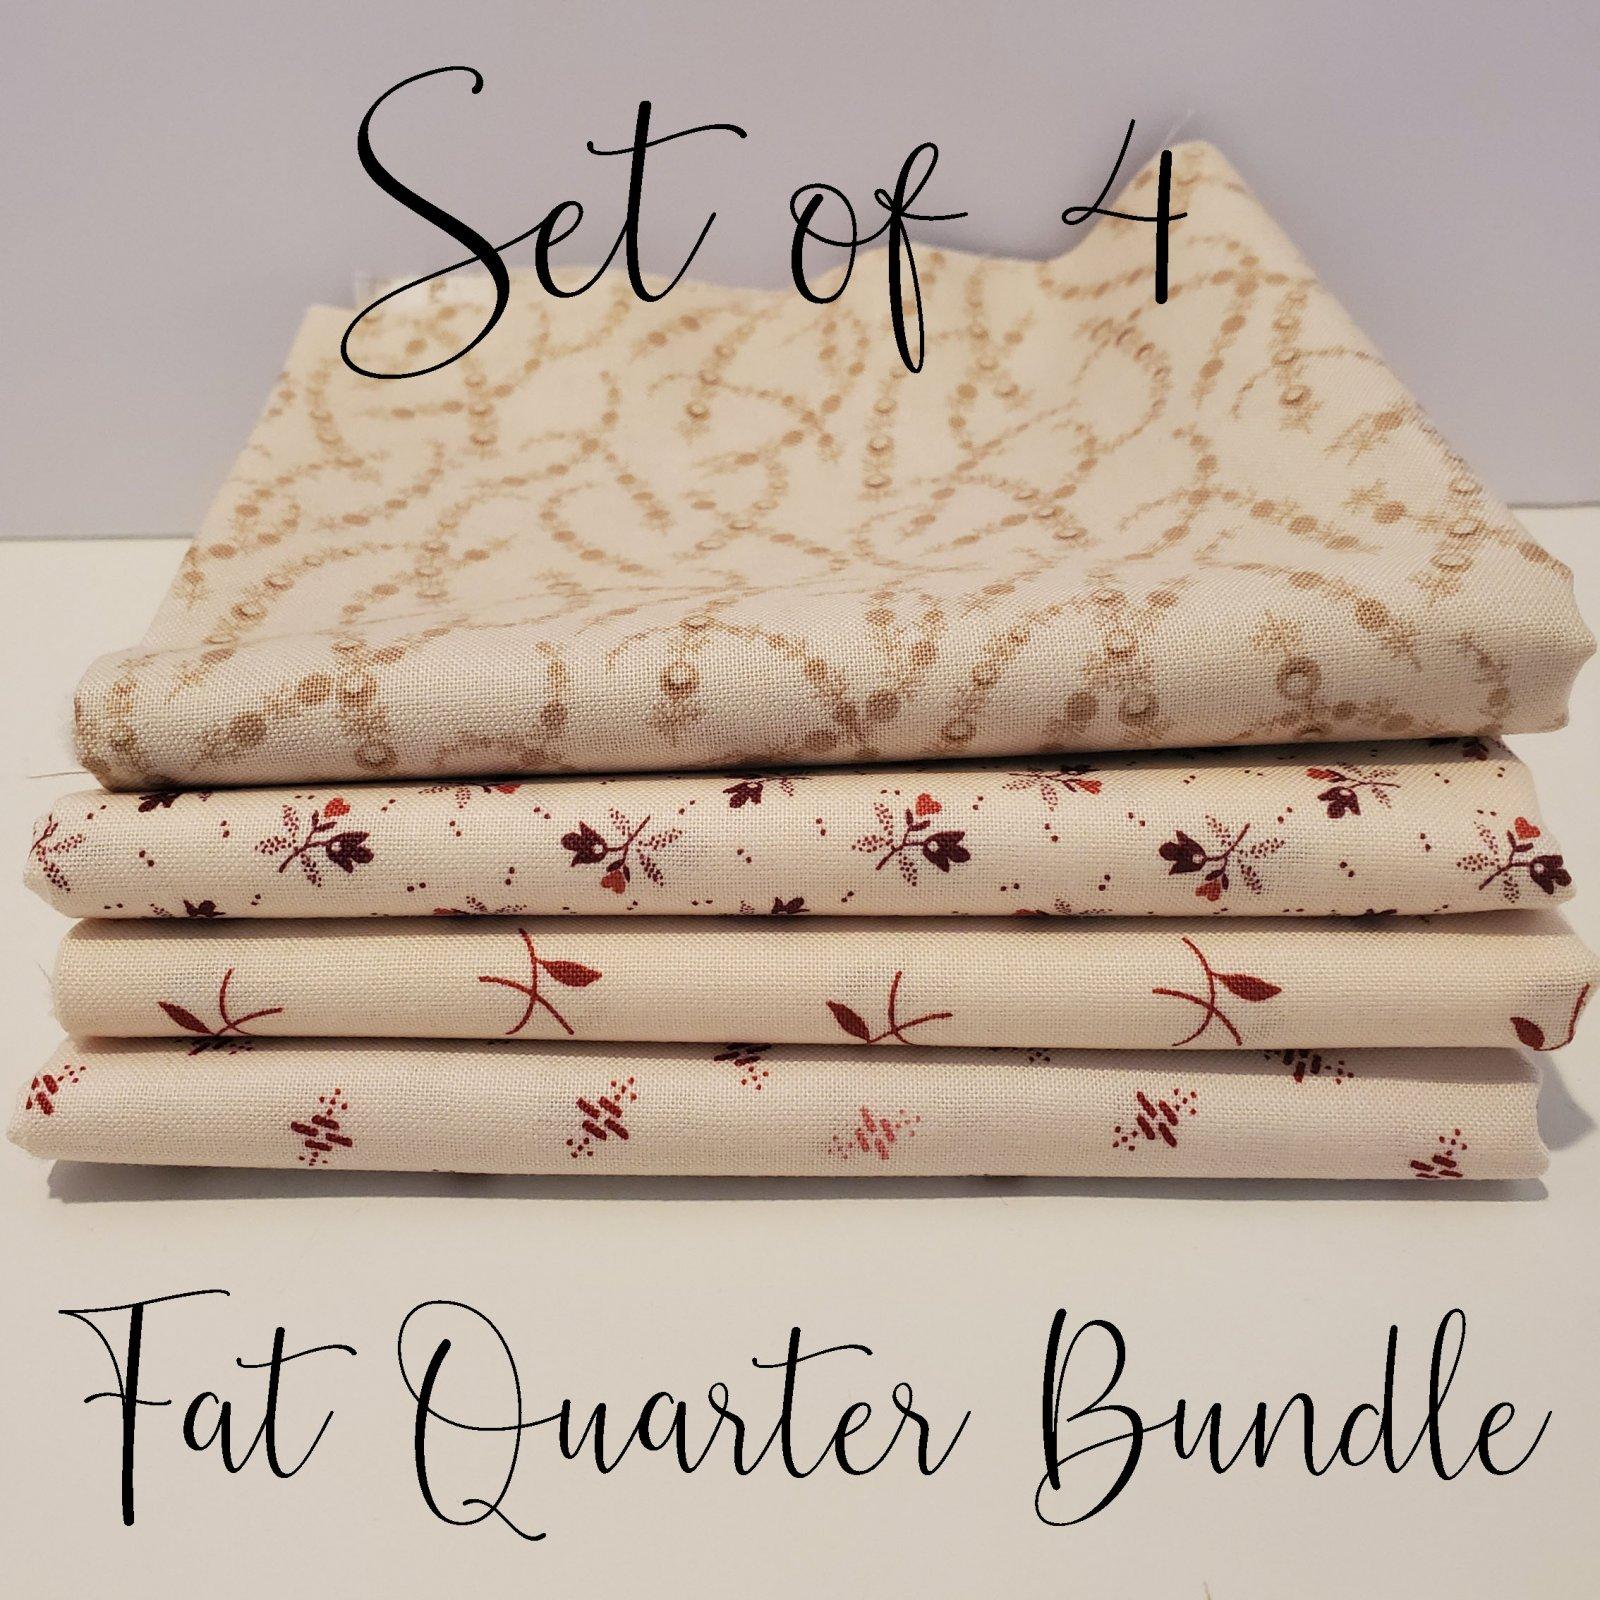 Laundy Basket Quilts Low Volume - 4 Fat Quarter Bundle